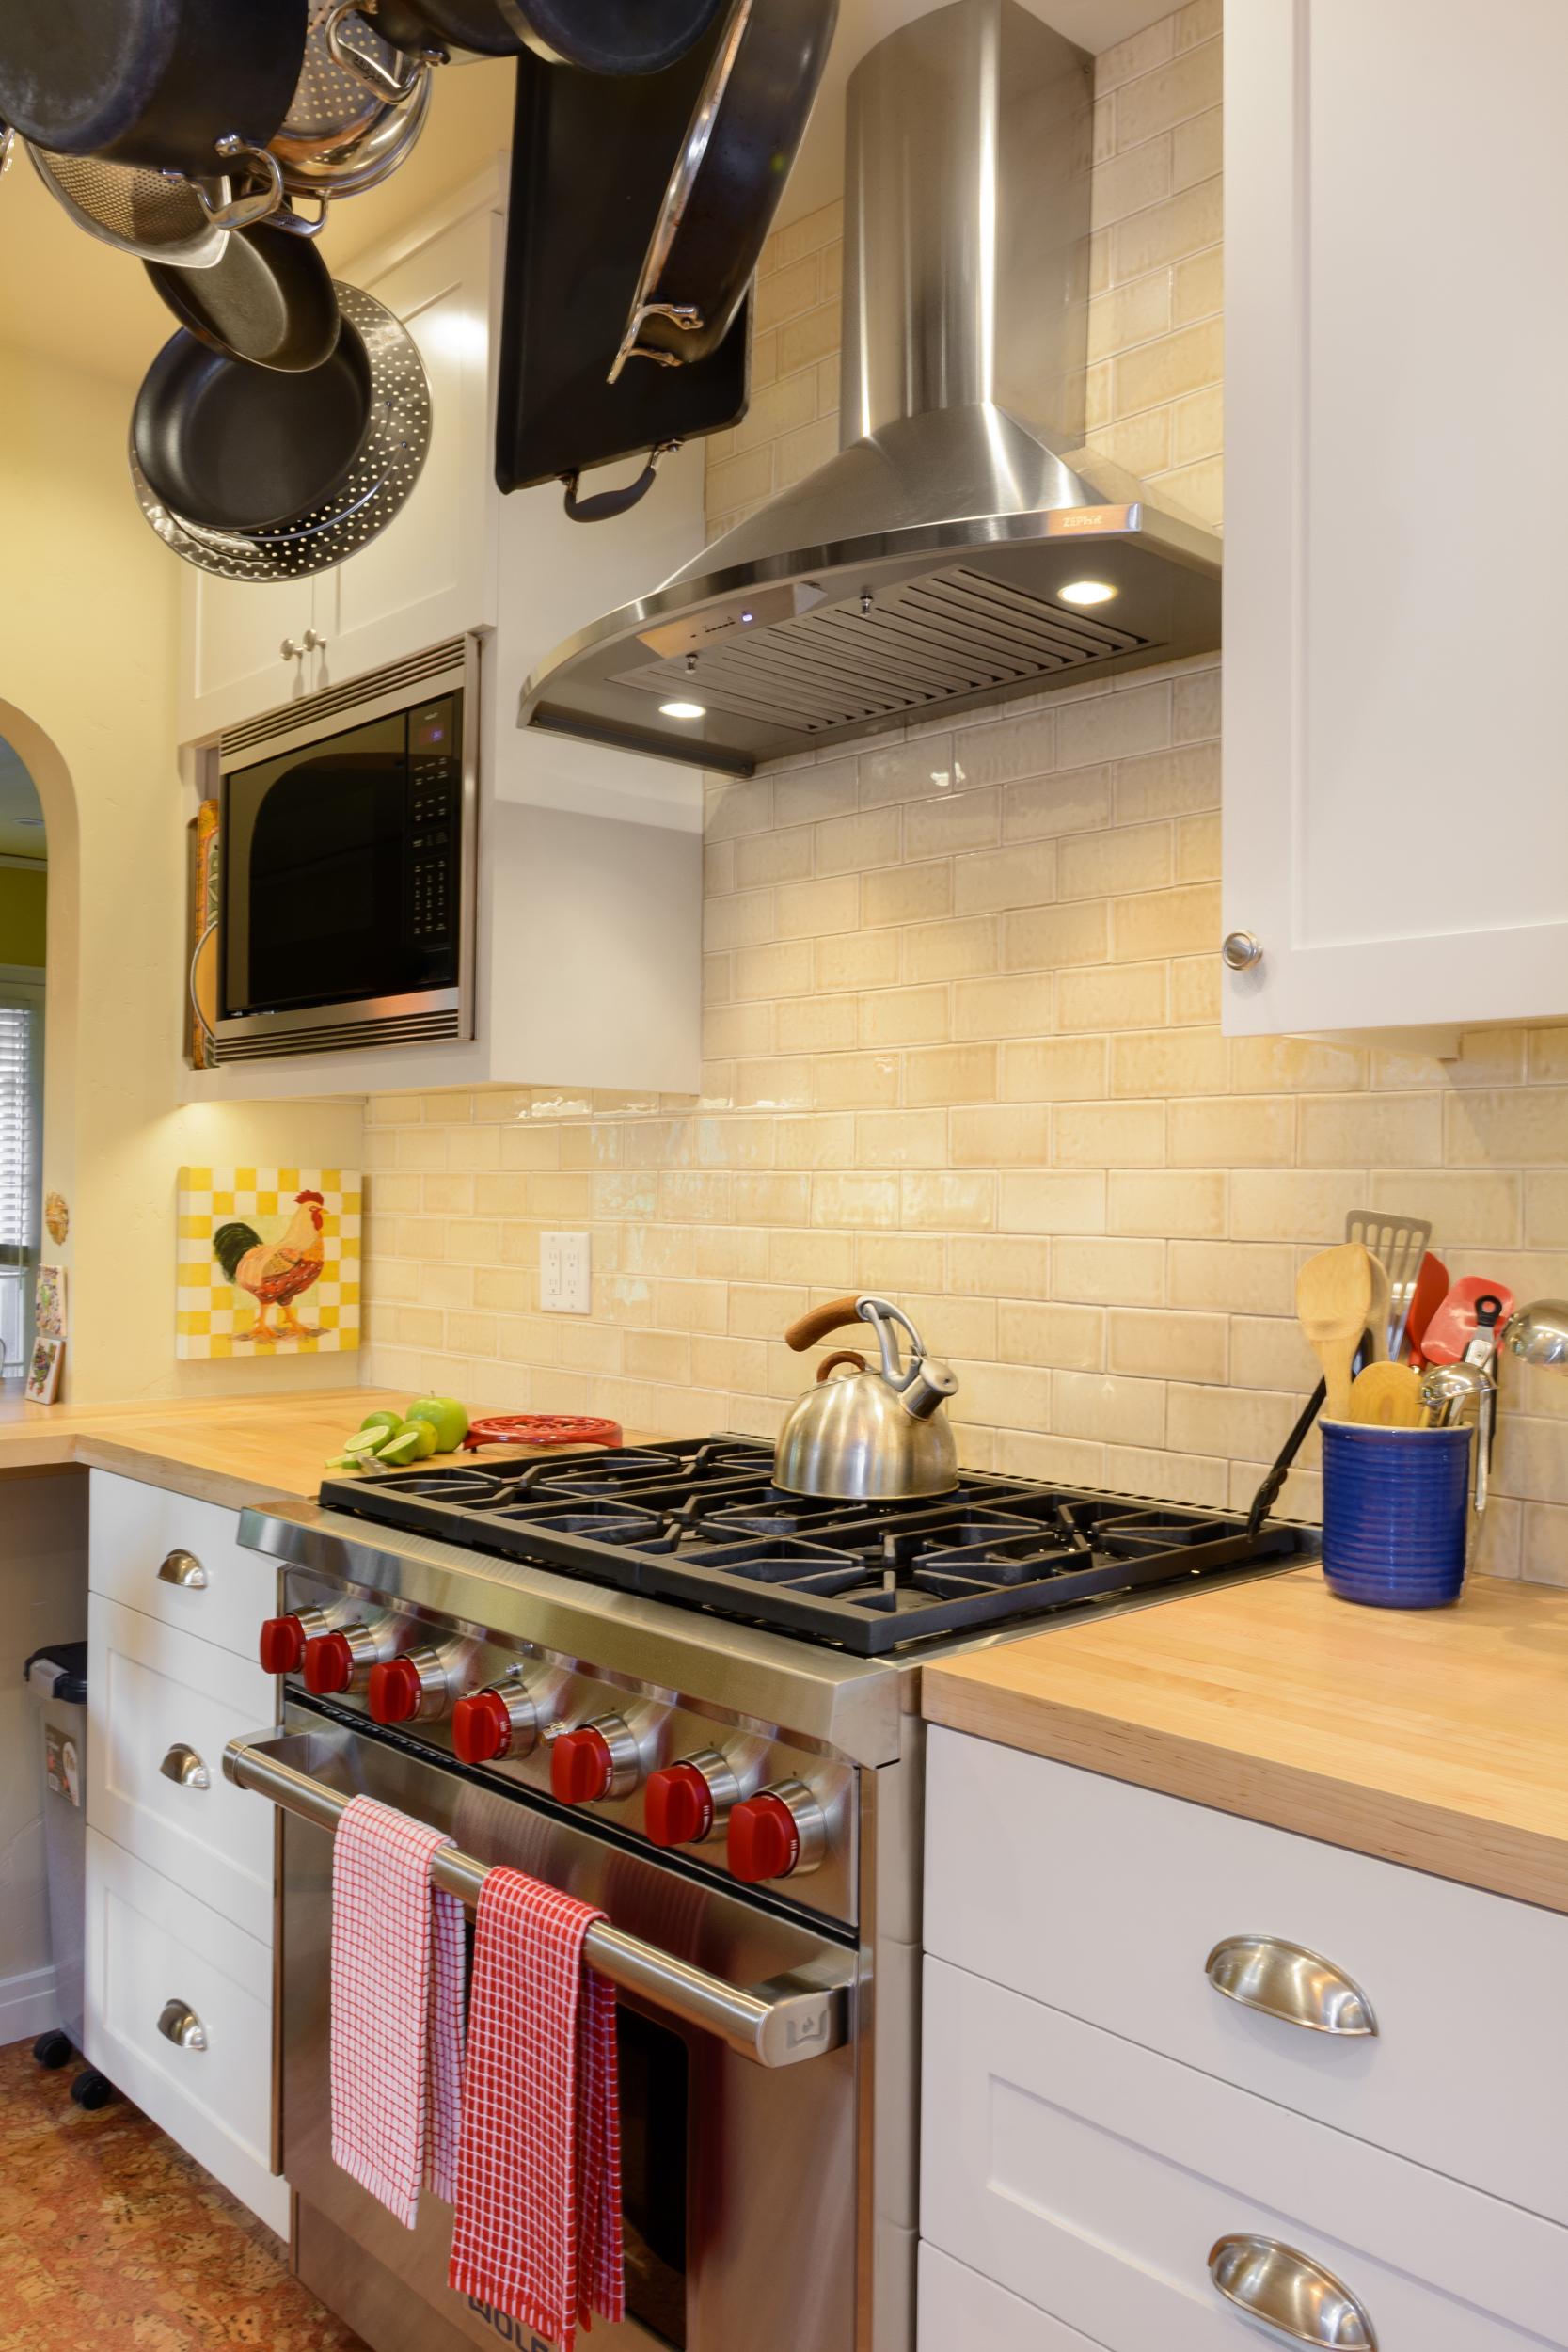 Old-World-Charm-Kitchen-Range-Hood-Tile-Backsplash.jpg